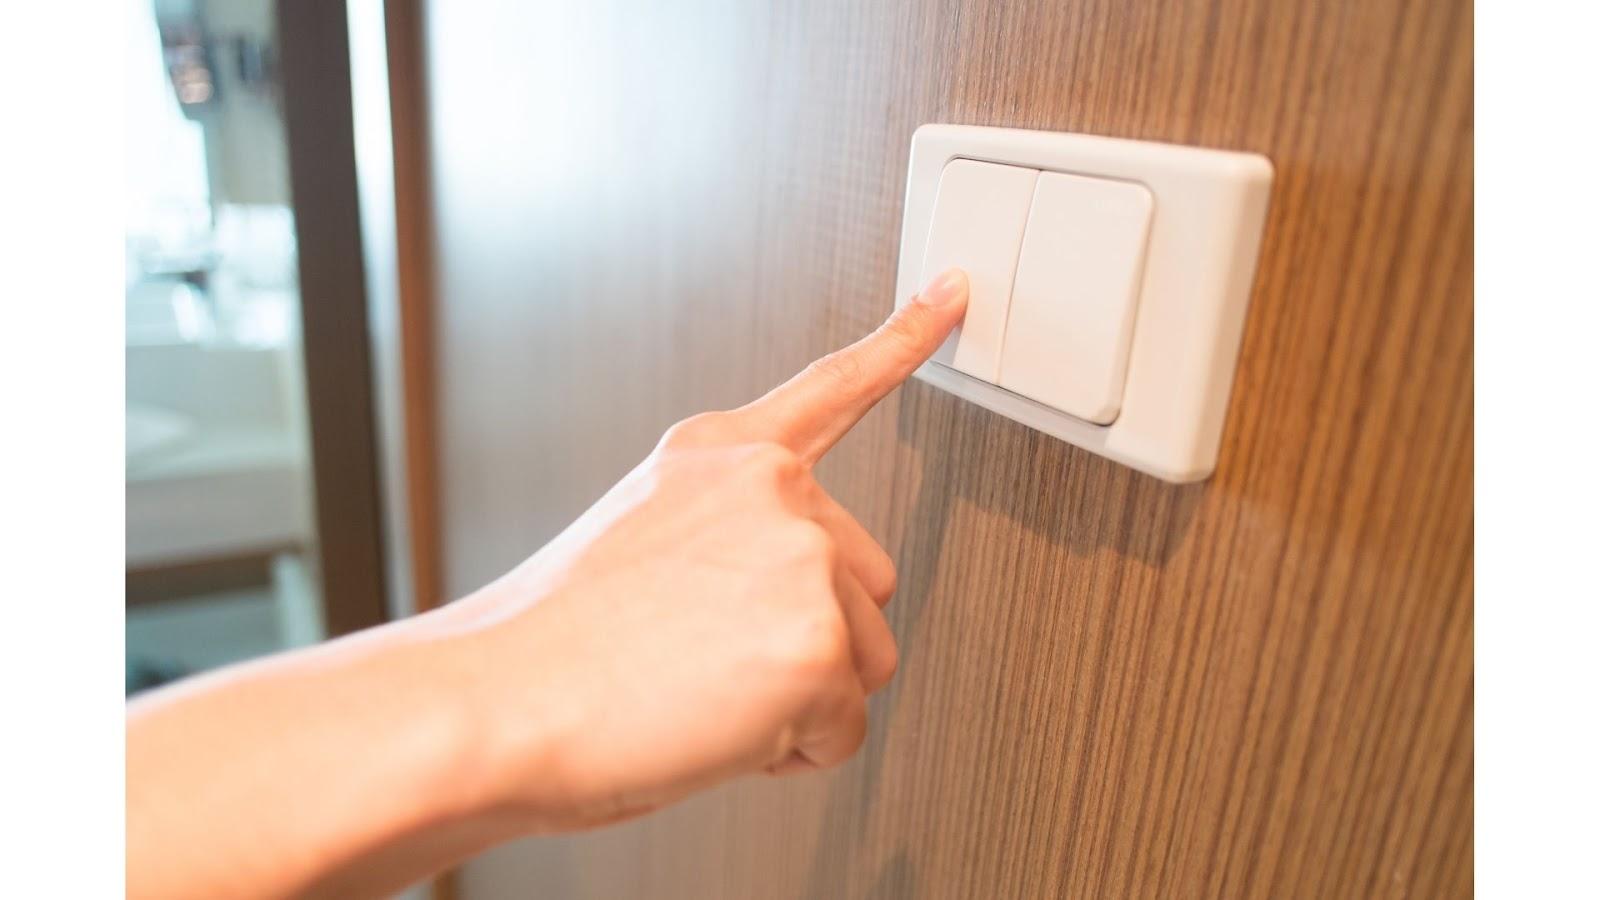 Turning off unused lights